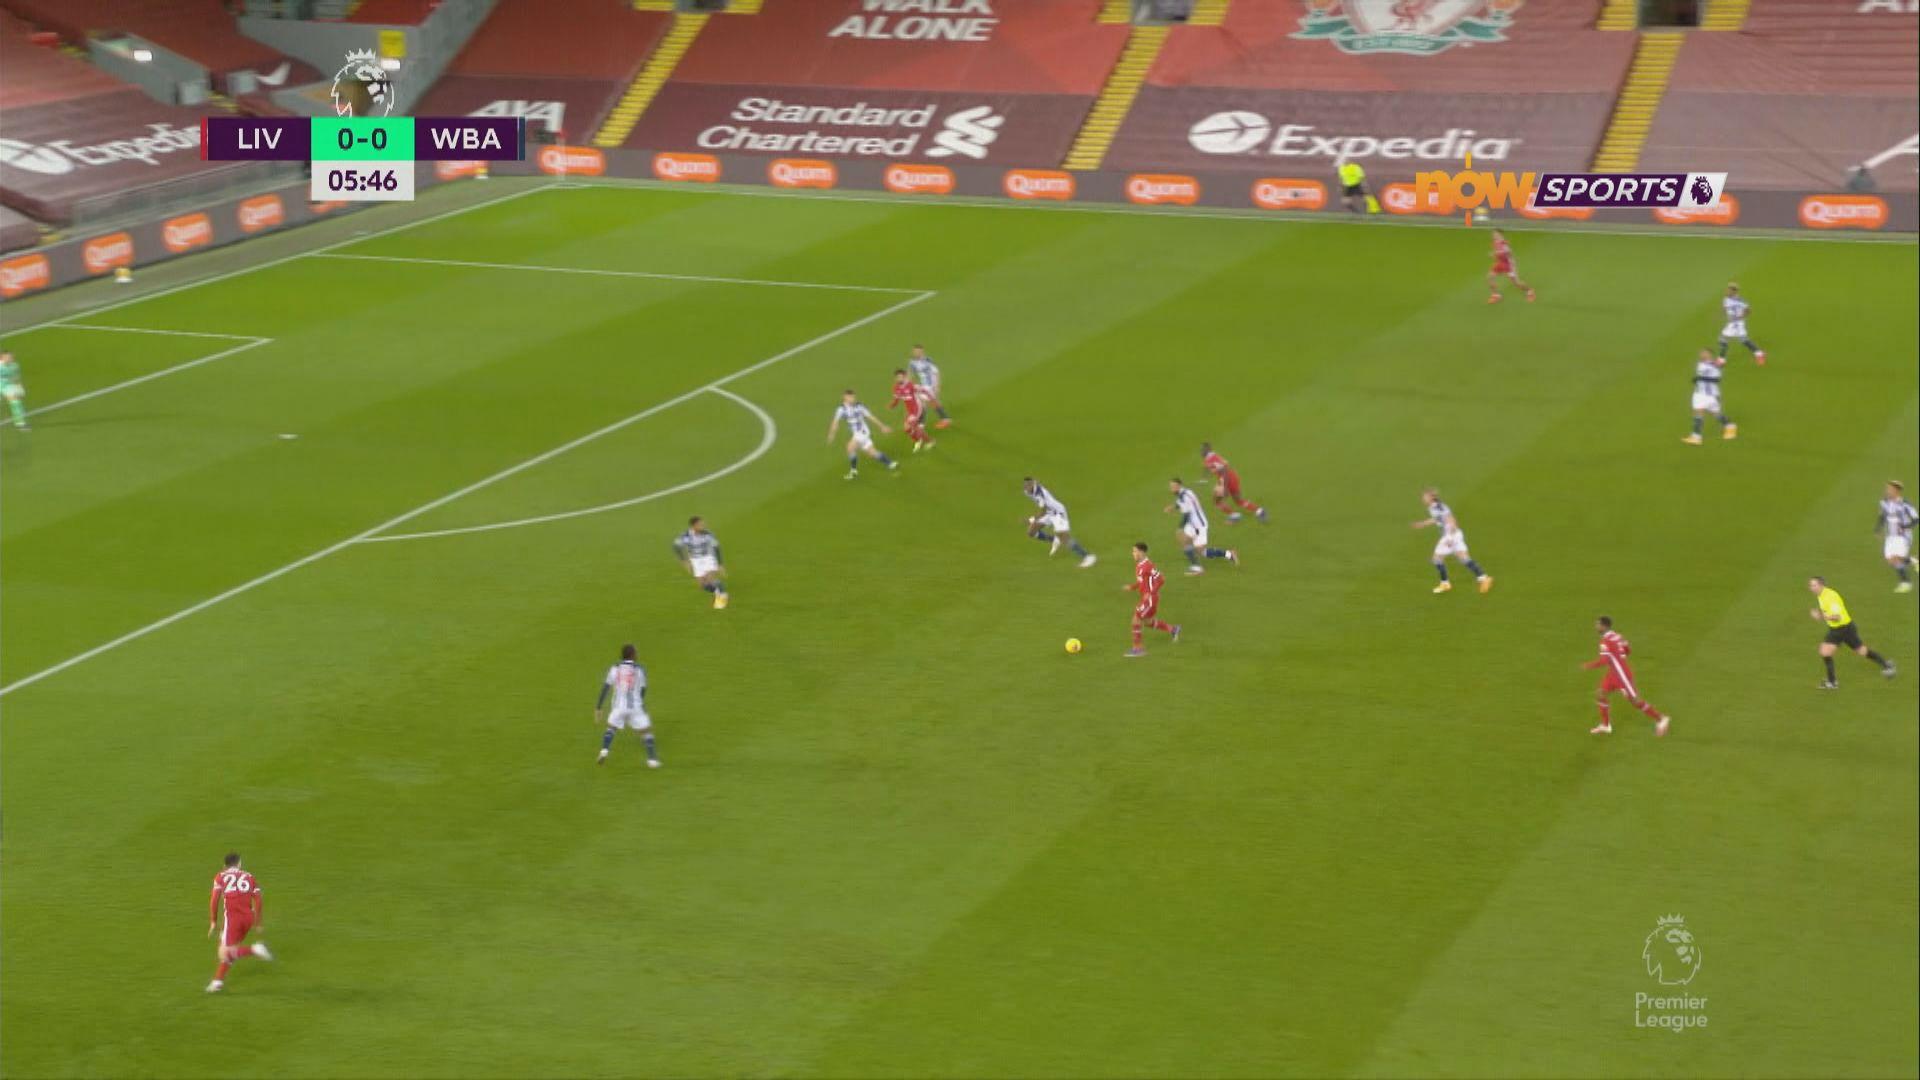 英超 利物浦1:1西布朗